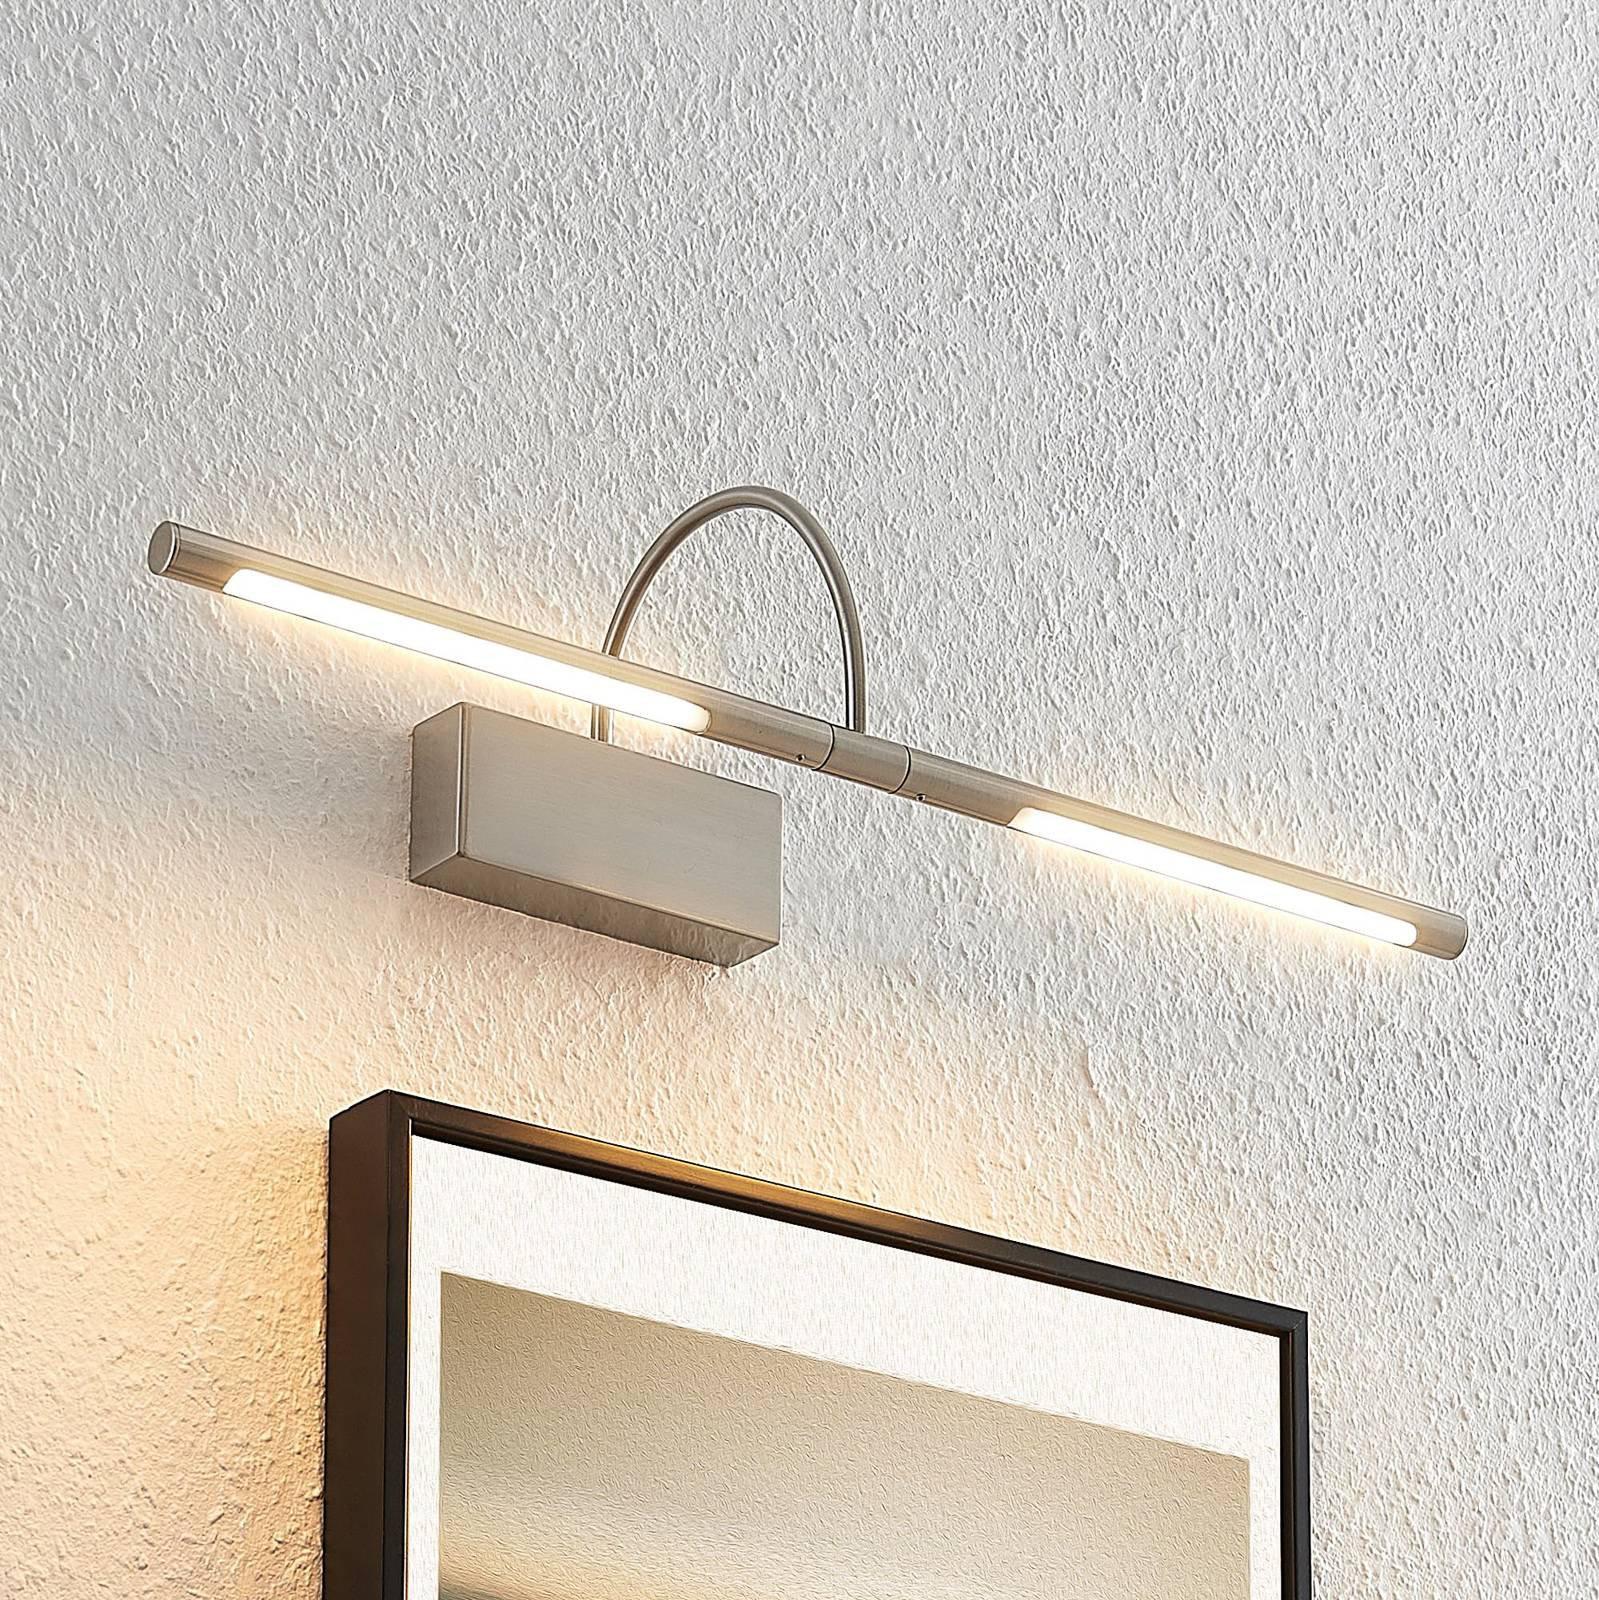 Lucande Fehmke LED-bildelampe, satinert nikkel